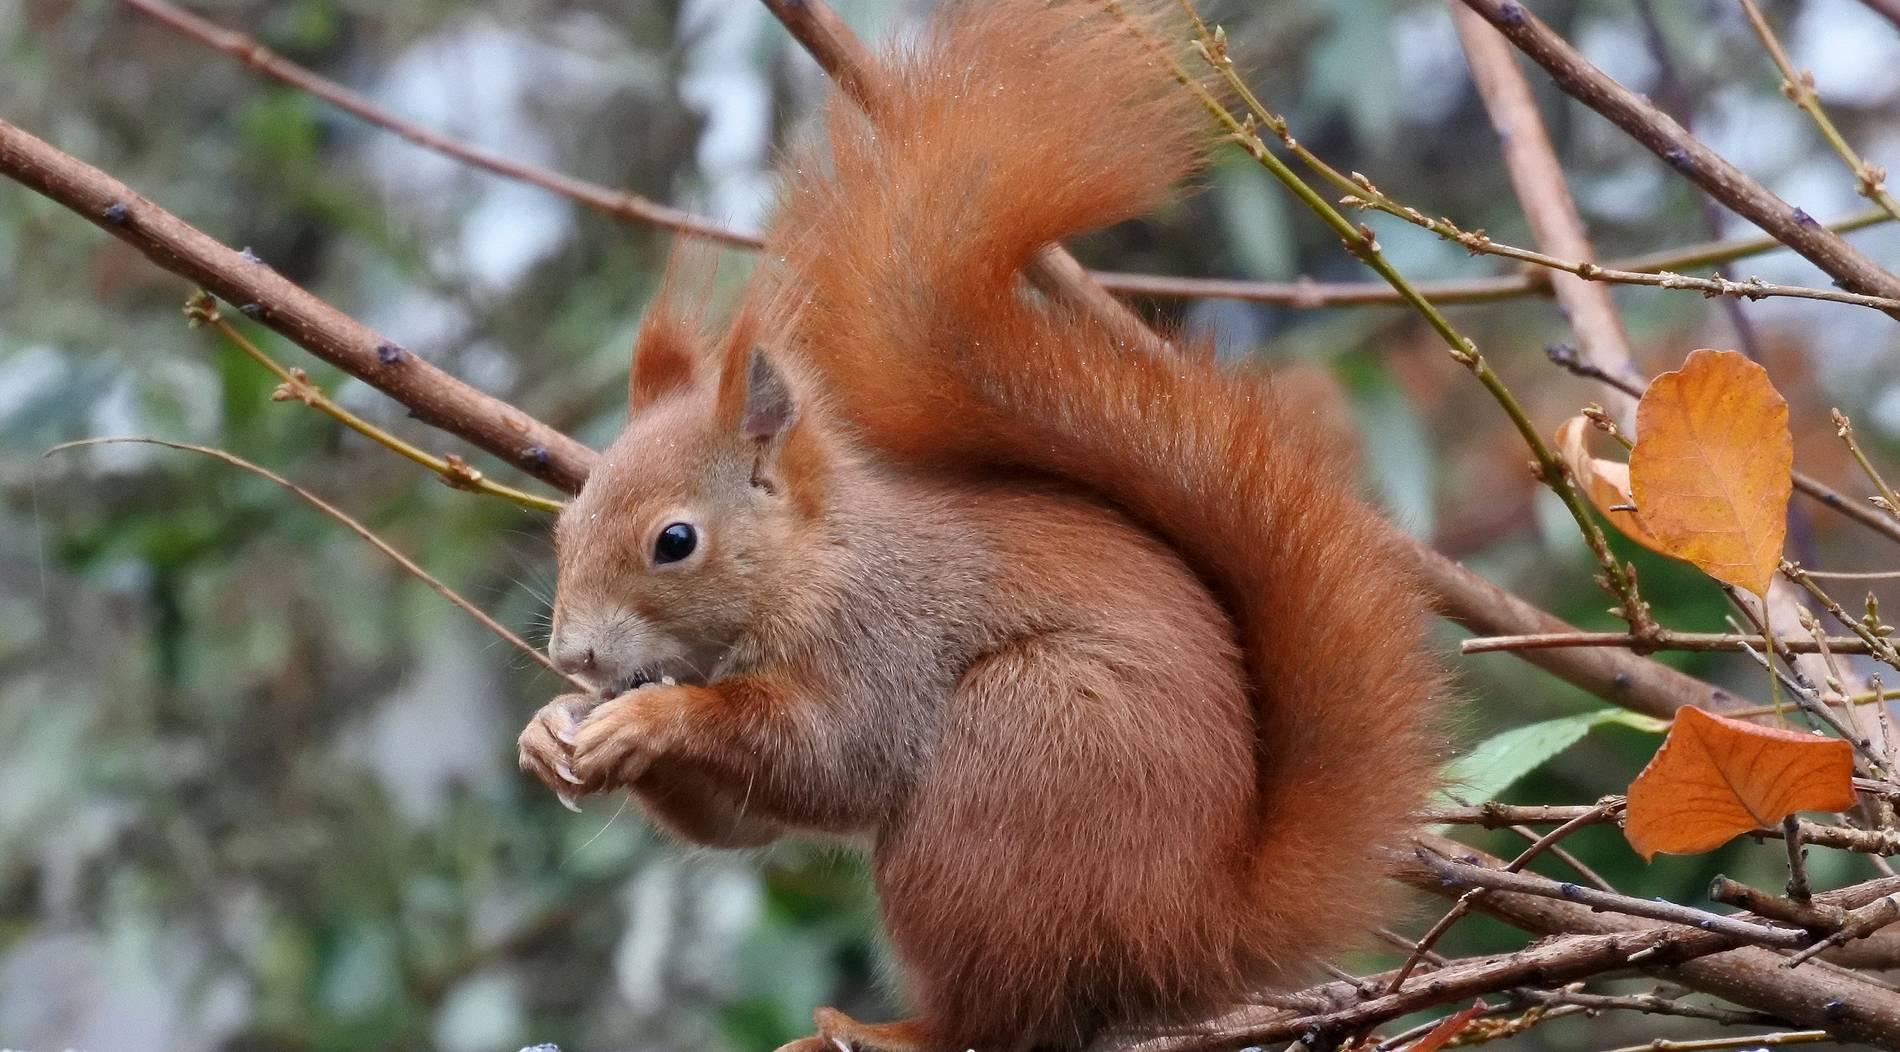 Eichhörnchen verirrt sich in Buchhandlung